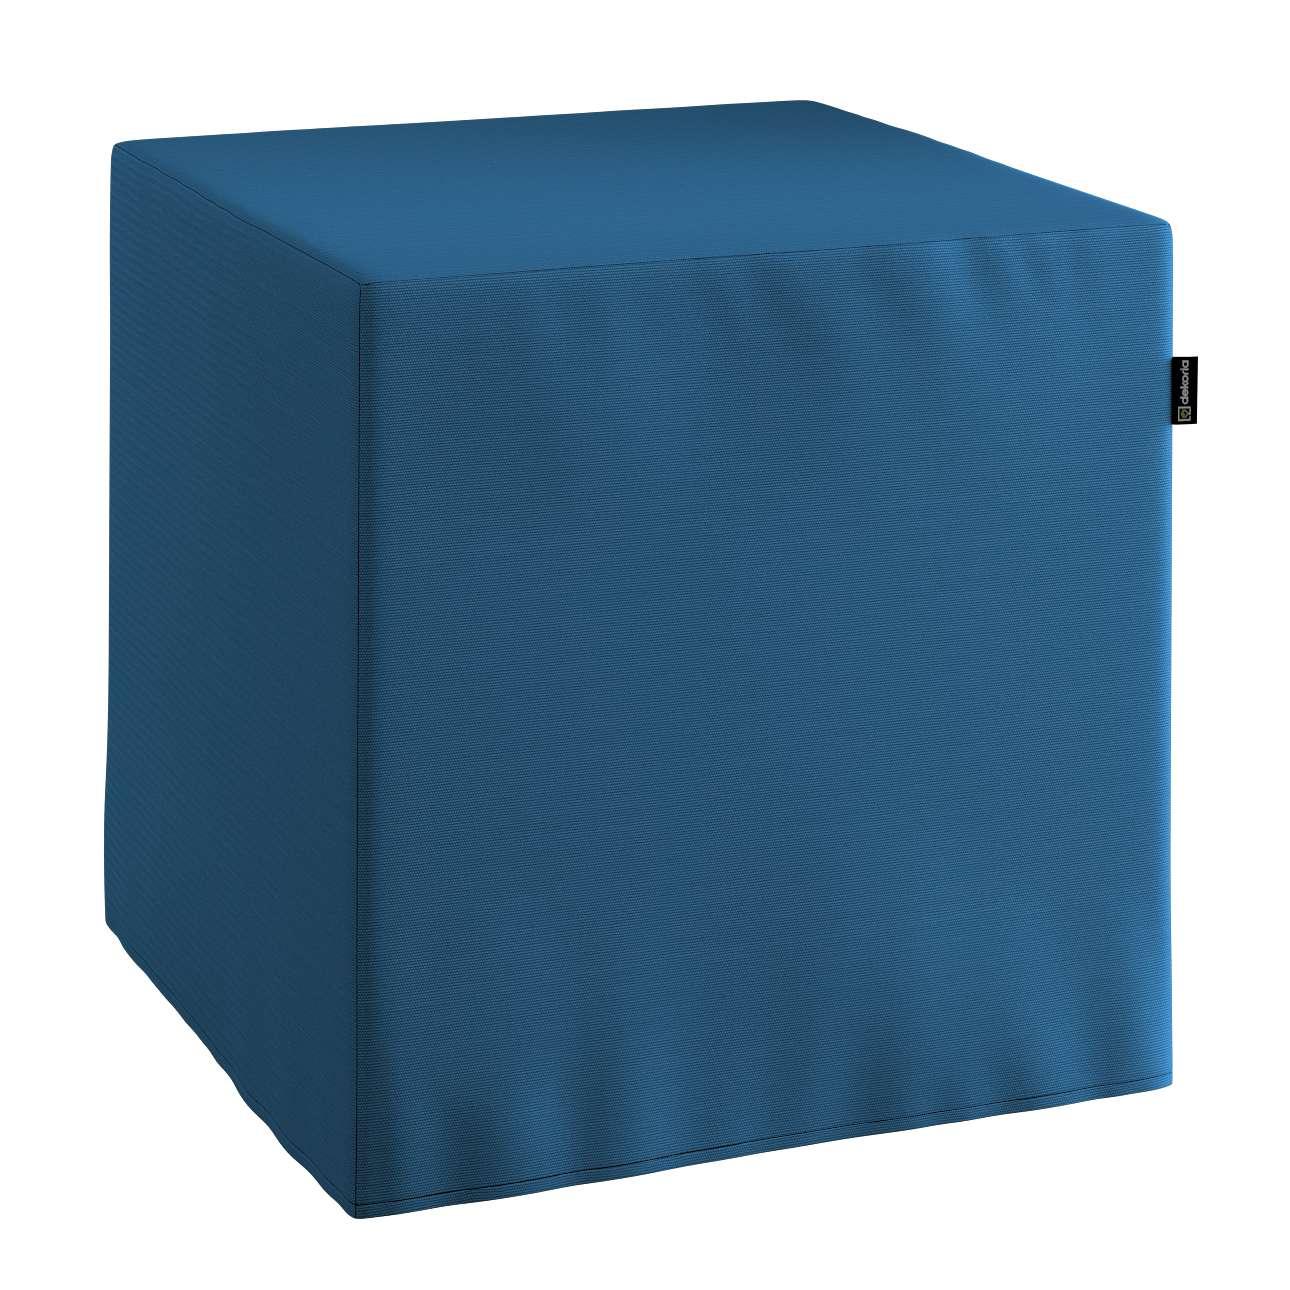 Bezug für Sitzwürfel, marinenblau , Bezug für Sitzwürfel 40x40x40 cm, Cotton Panama | Wohnzimmer > Hocker & Poufs > Sitzwürfel | Dekoria